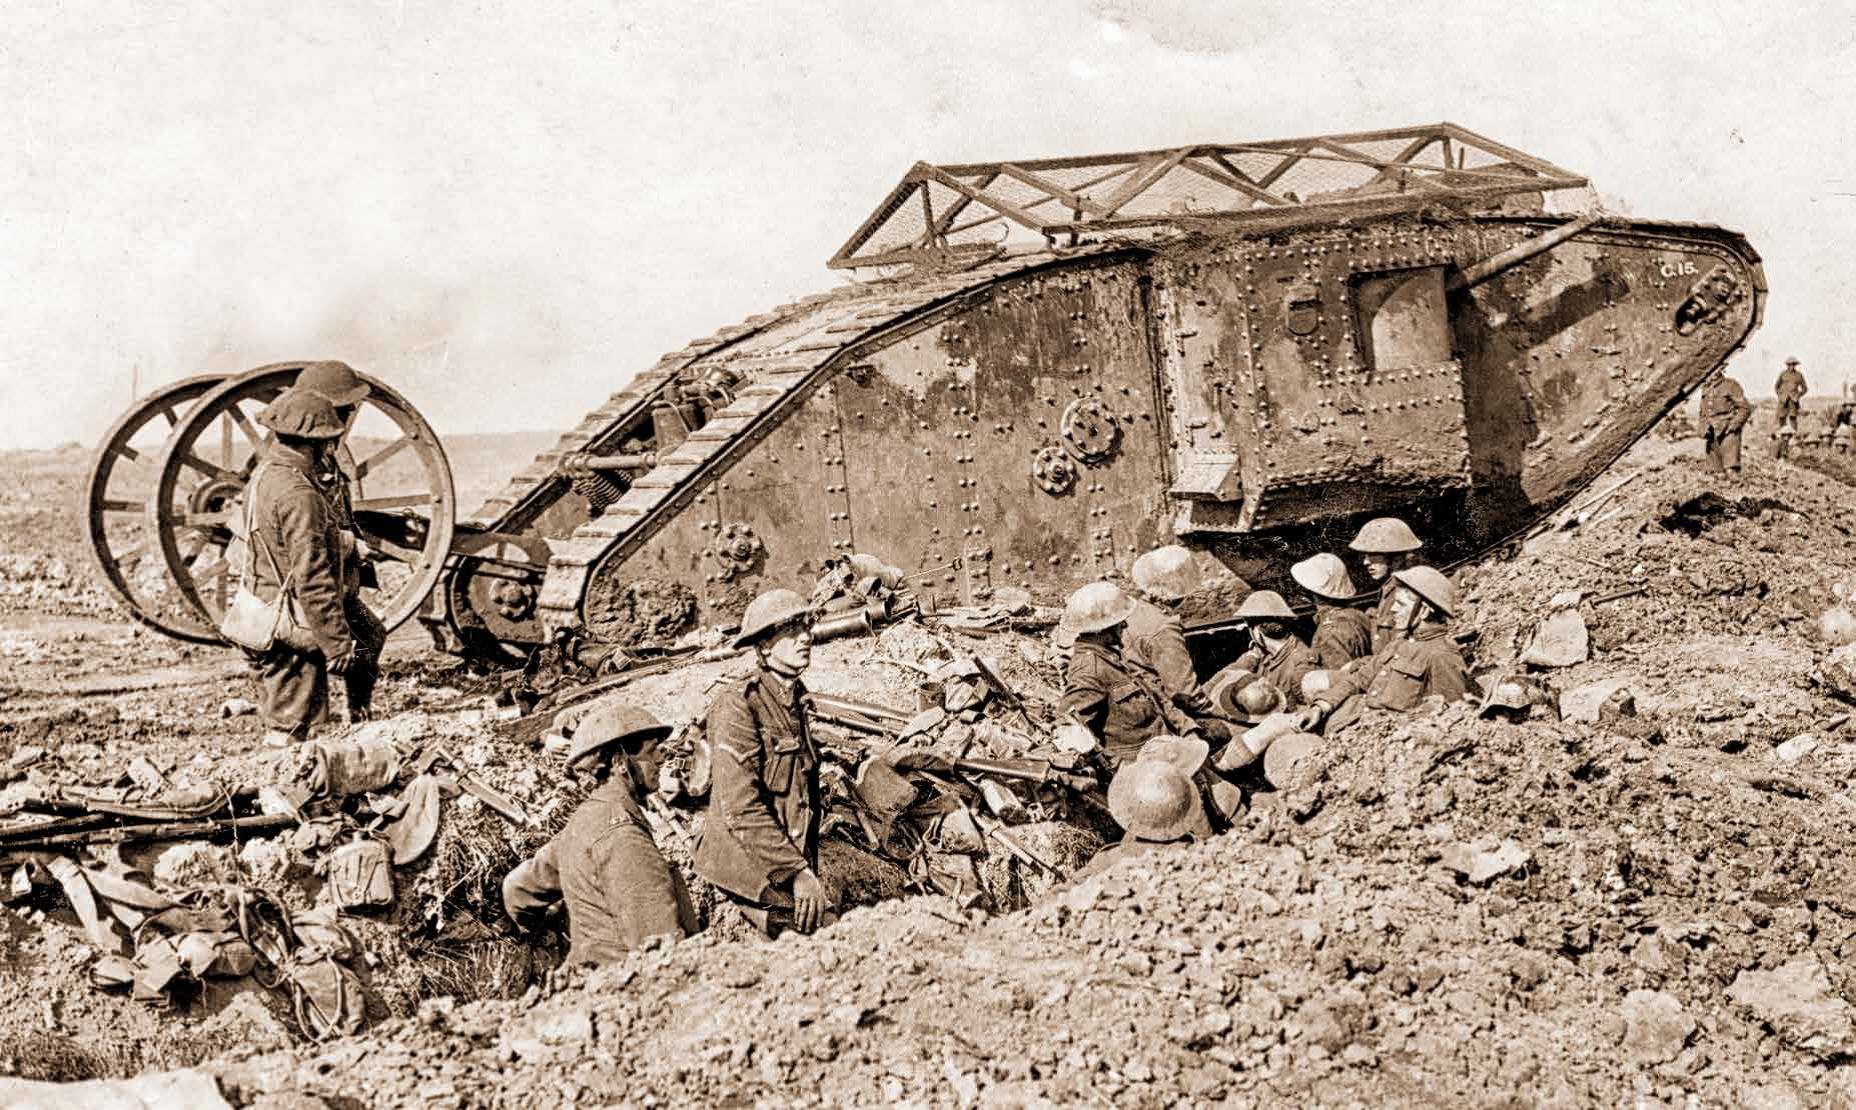 1916年9月15日,編號C15的Mark I參與了夫雷爾-古瑟列特之役,這是戰車參與的第一場戰鬥。